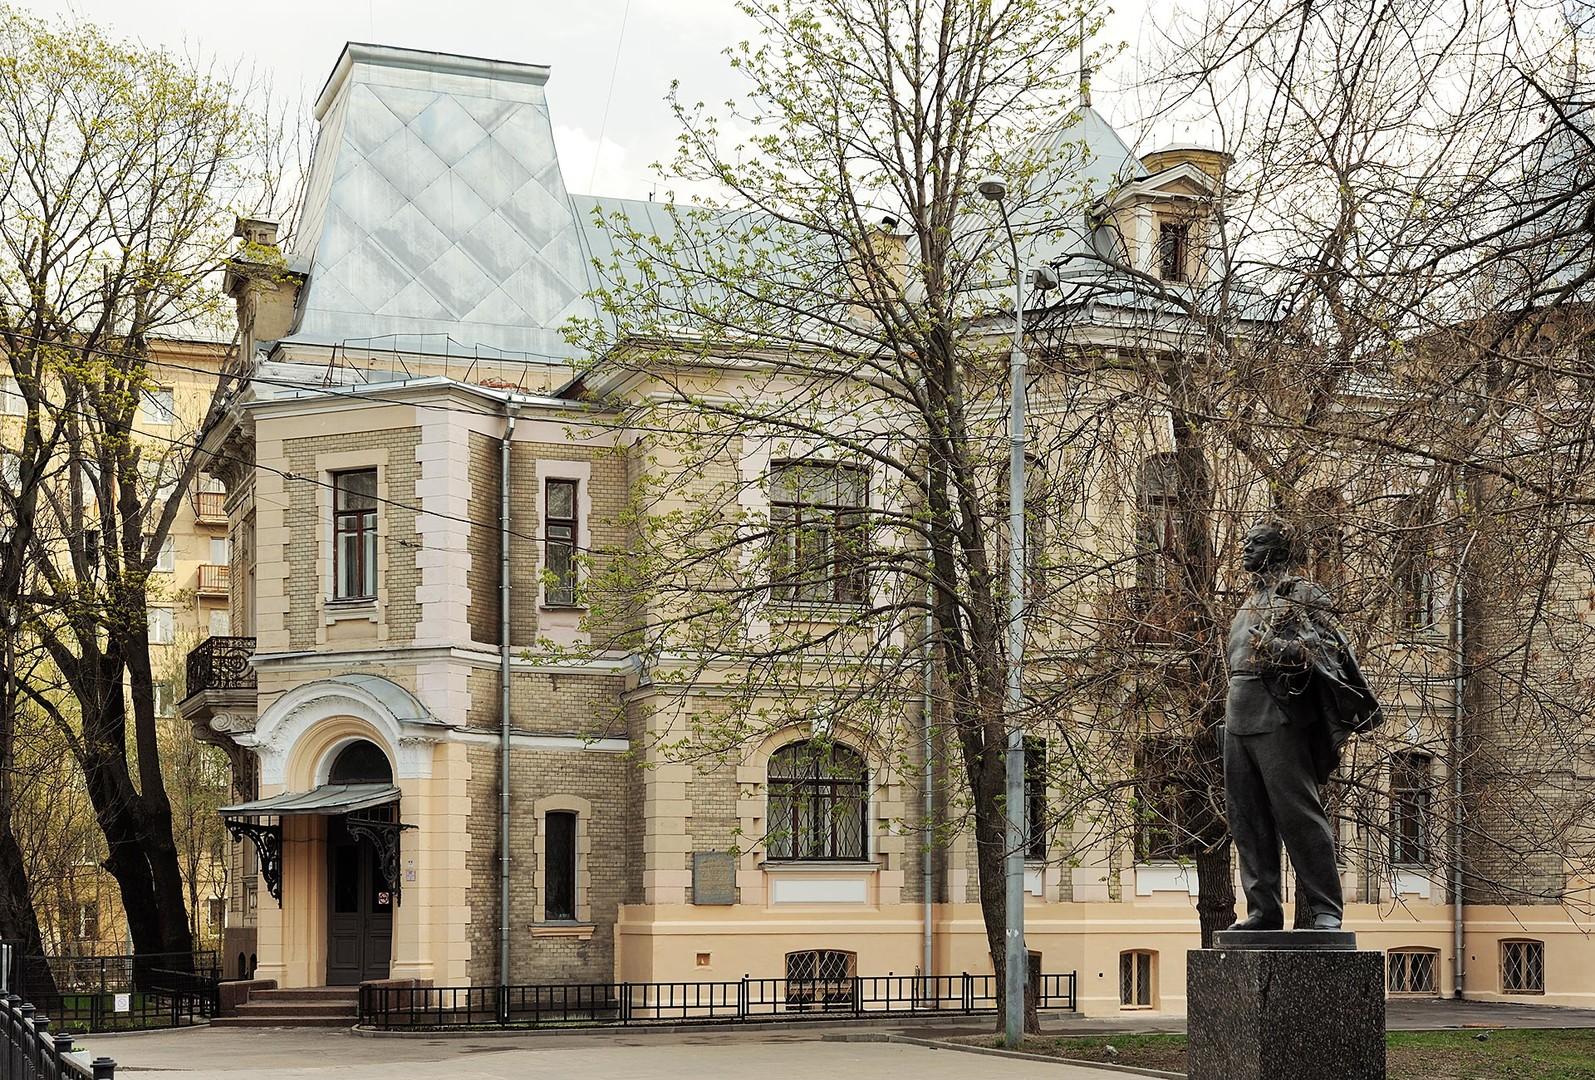 ダヴィド・ヴィソツキー茶商人の旧邸